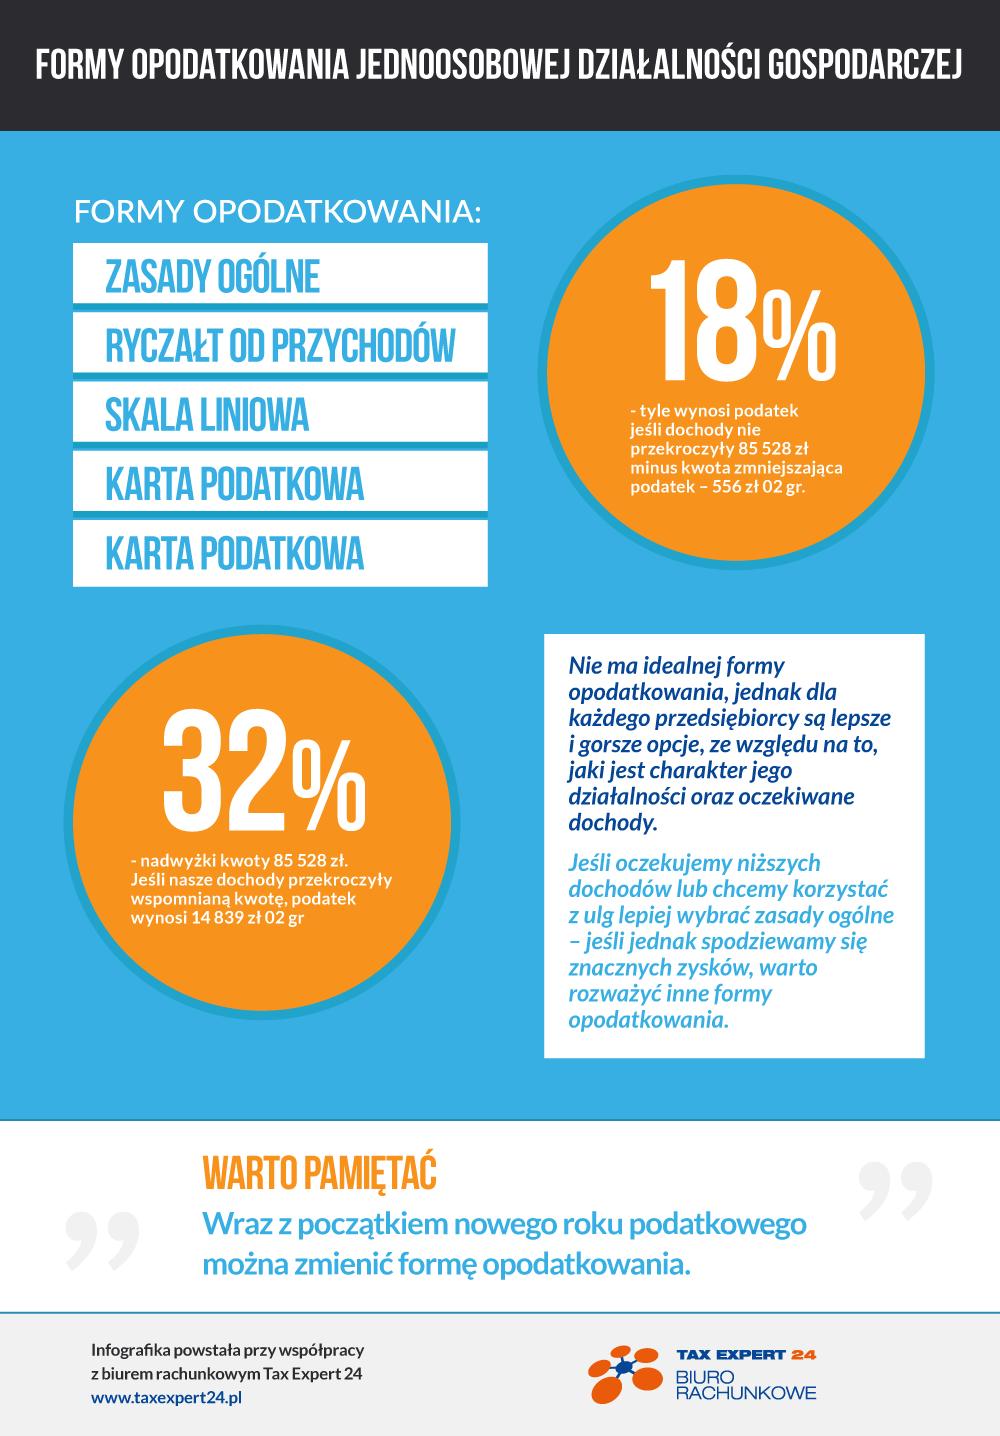 formy-opodatkowania-jednoosobowej-dzialalnosci-w-polsce